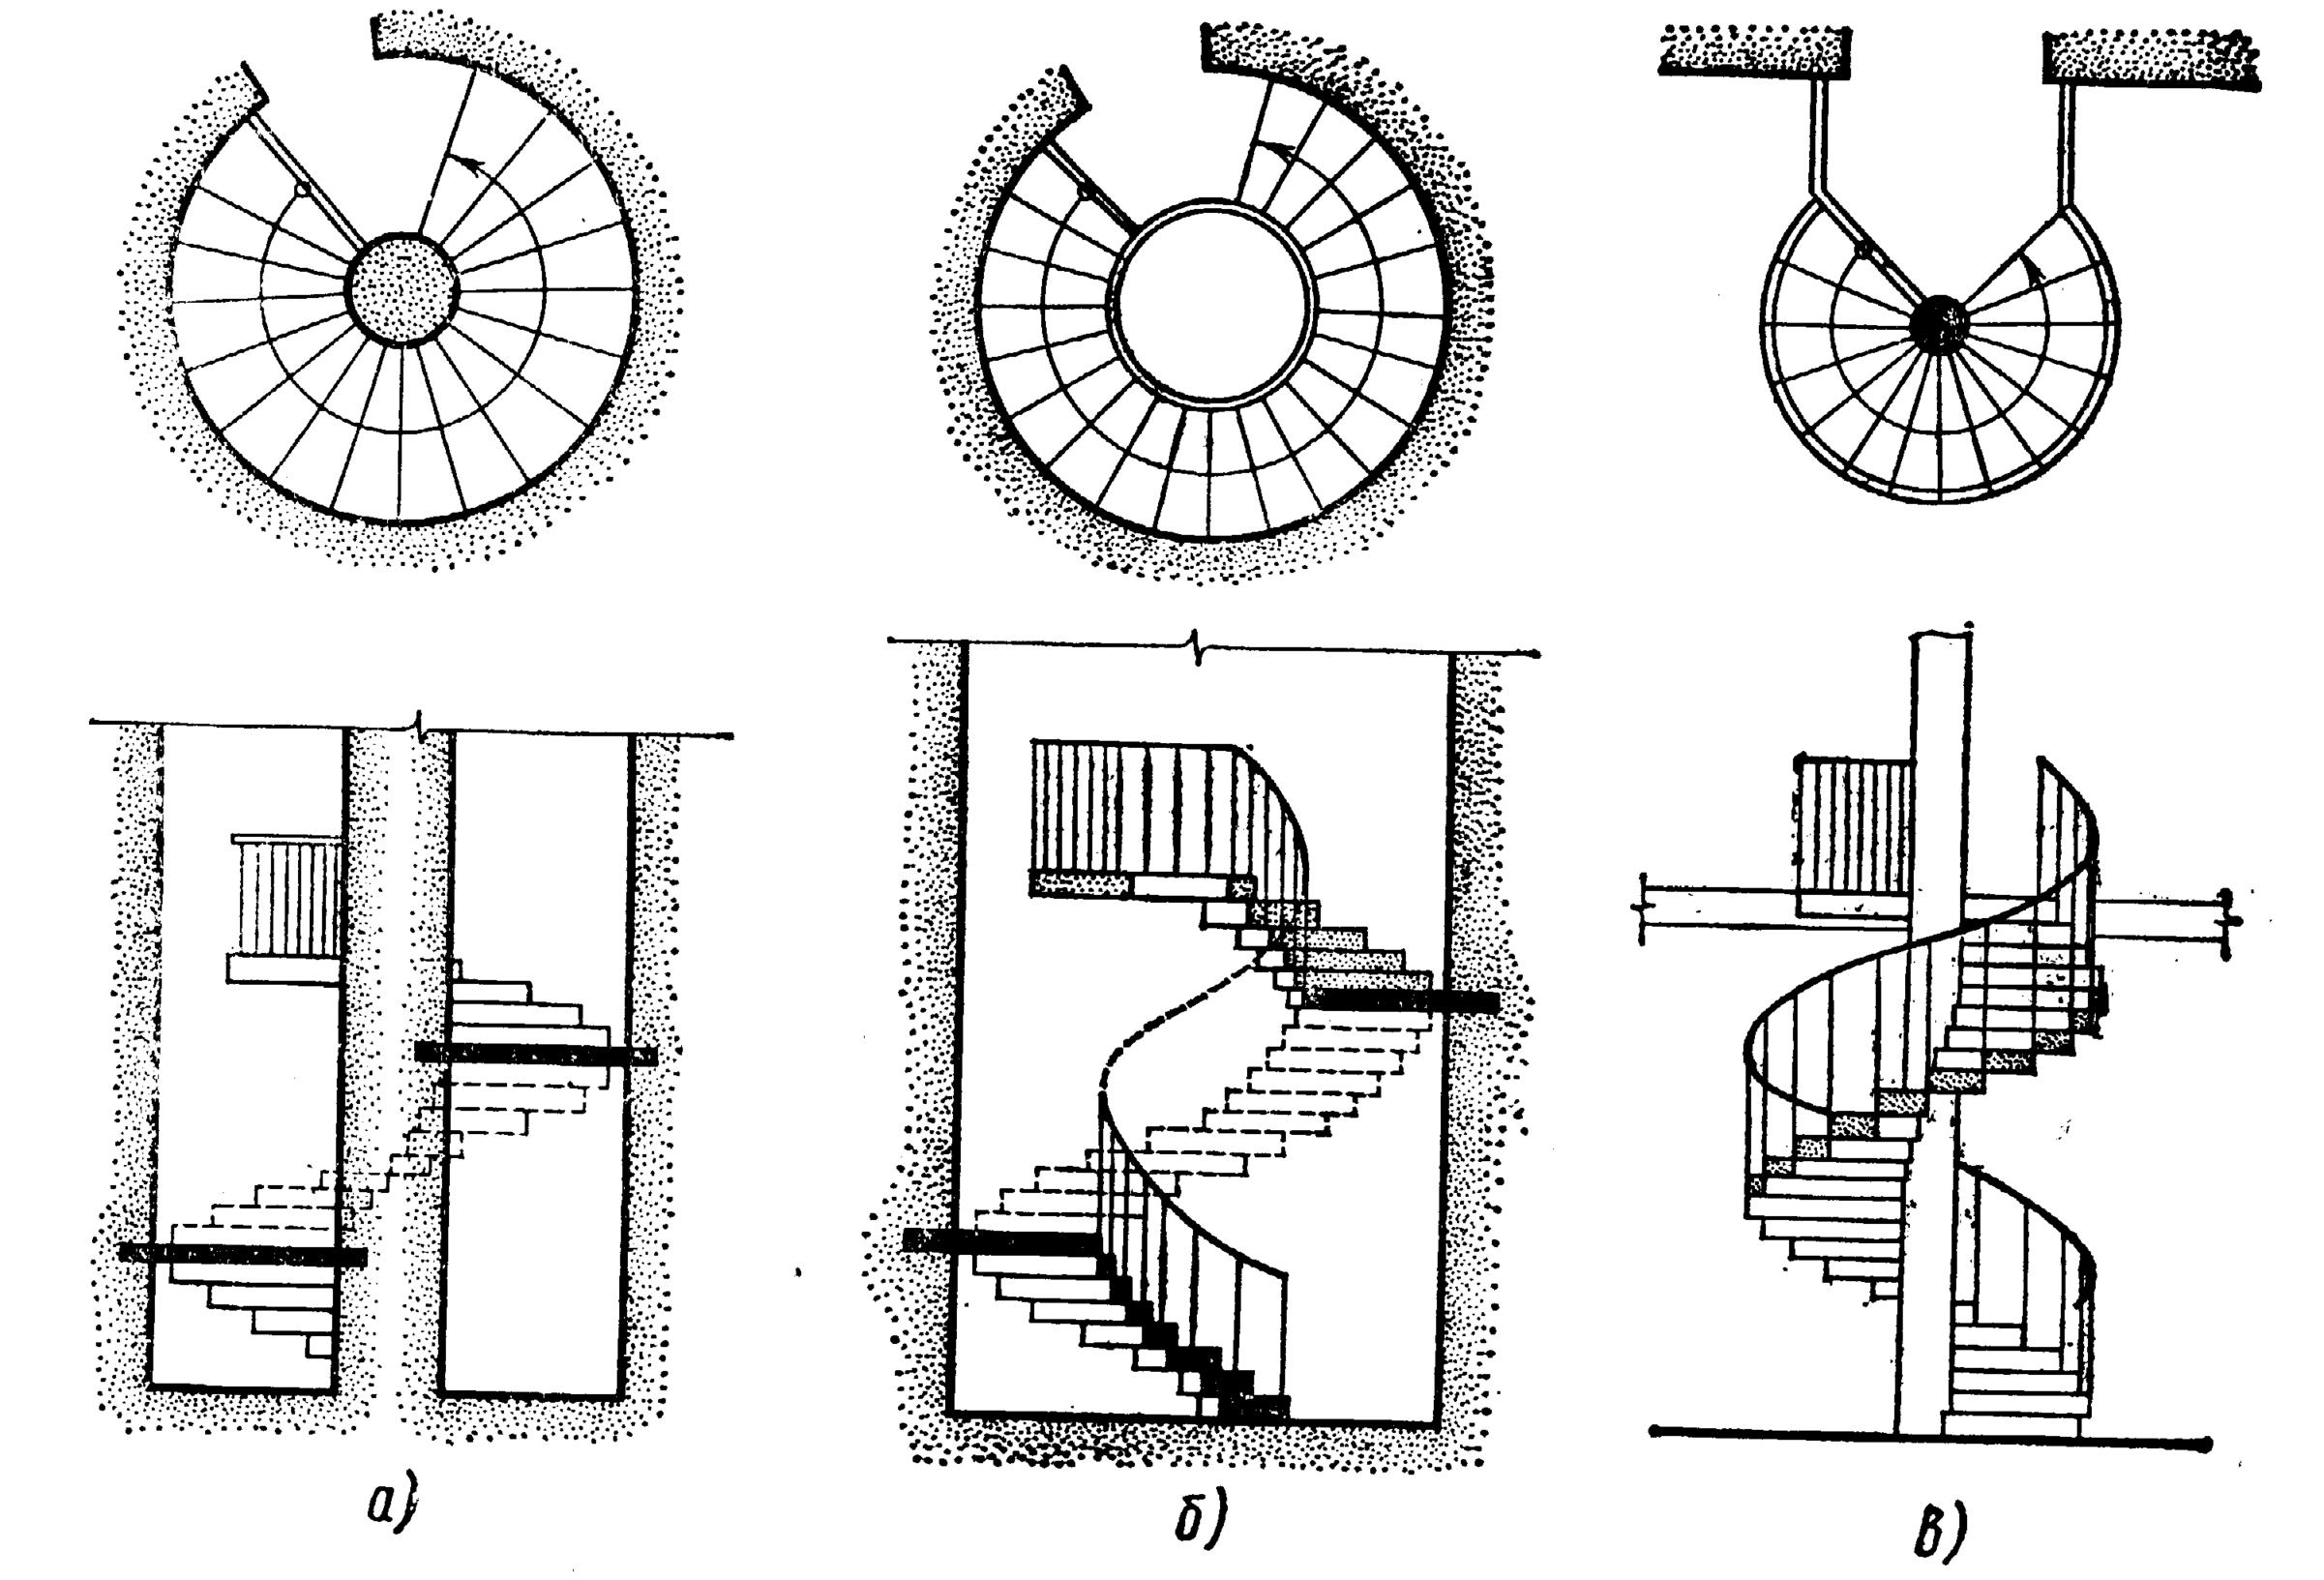 Schody Ve Dvoupatrovem Dome Rozmery Spiraloveho Schodiste